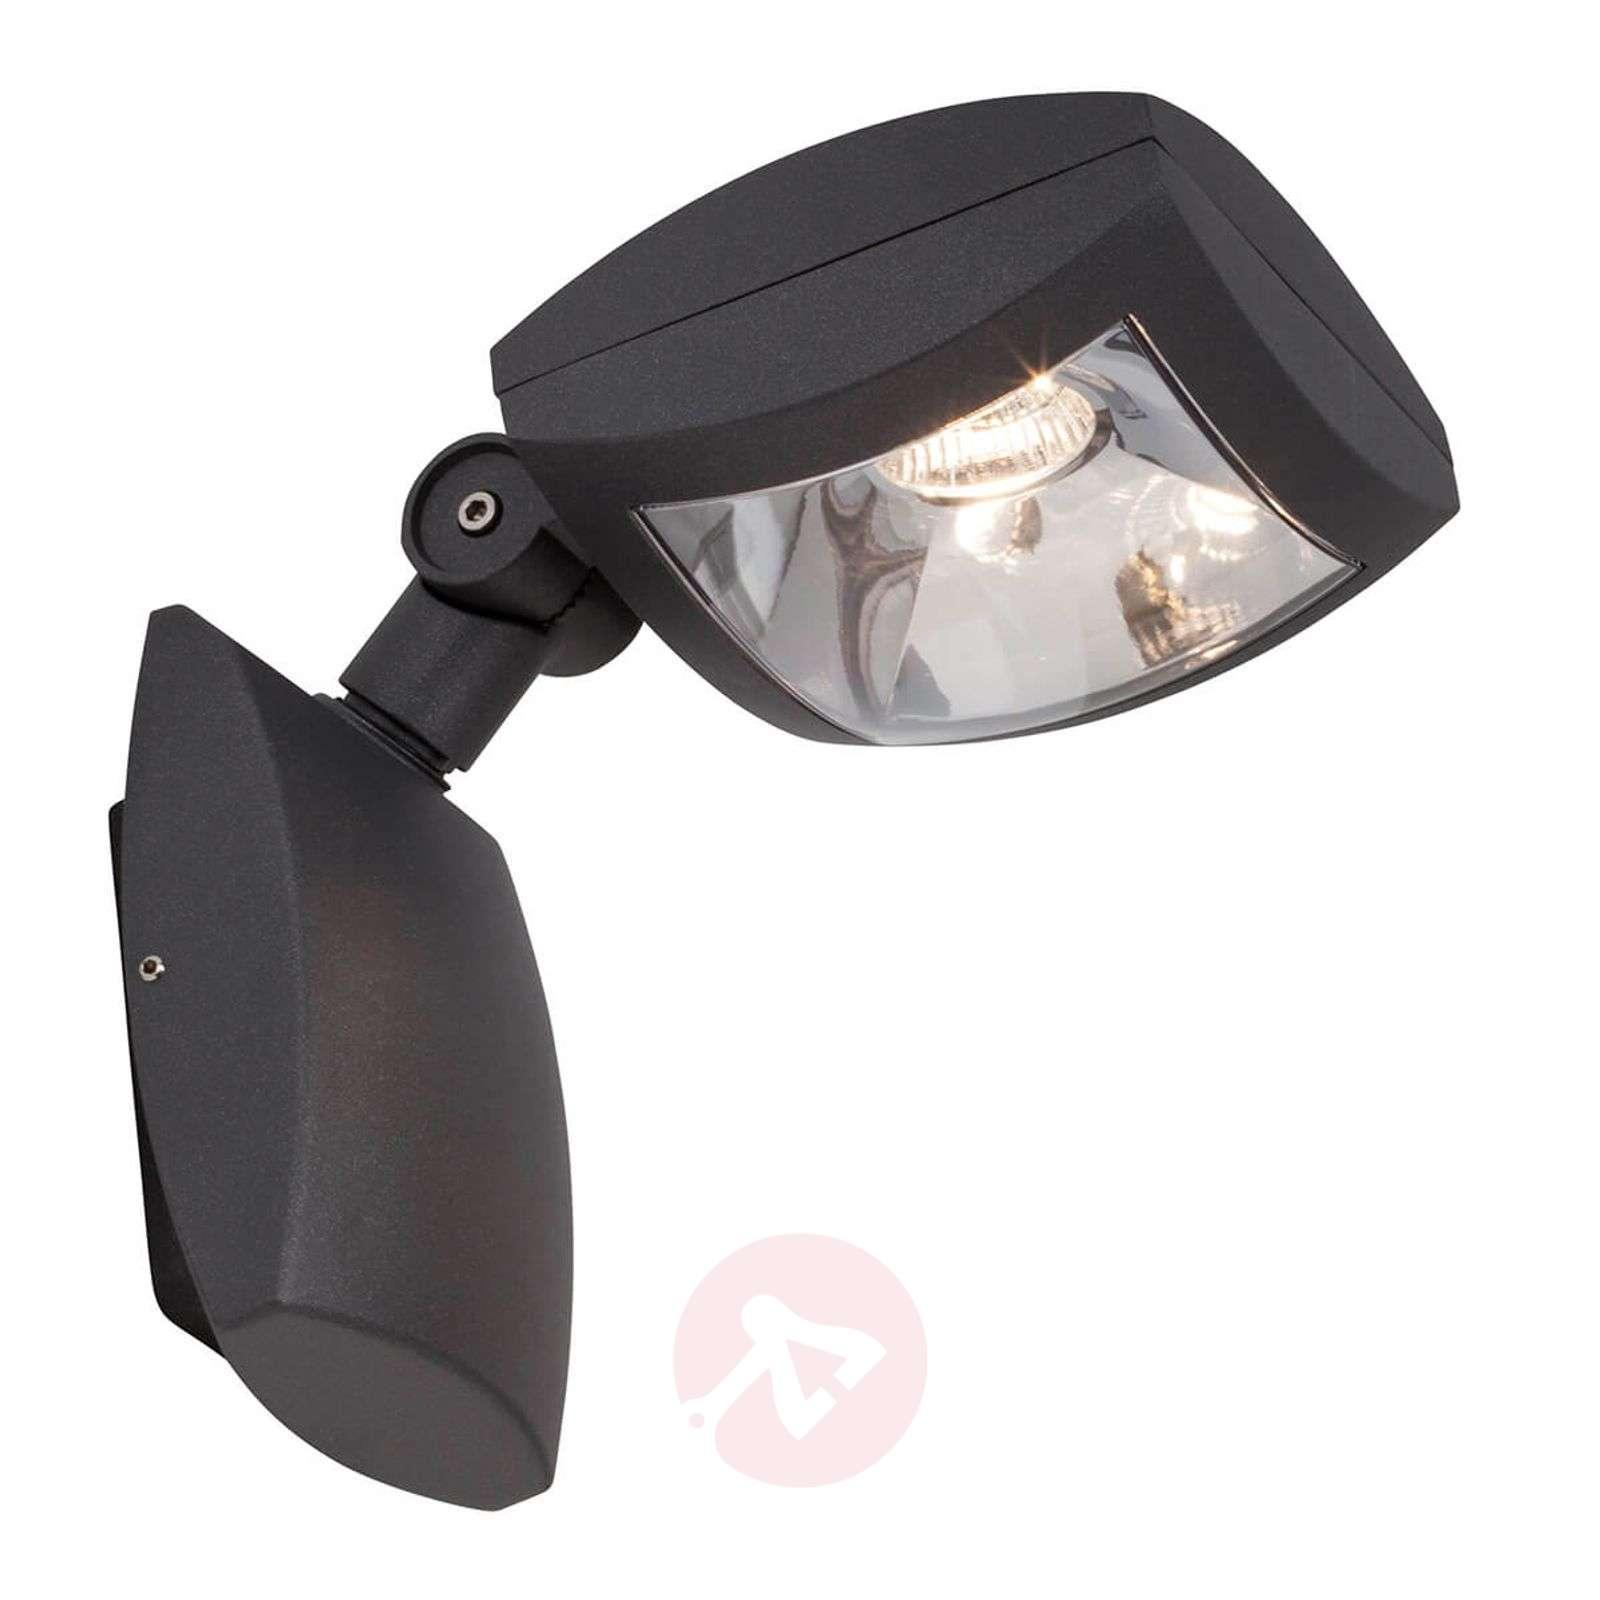 Guardiano käännettävä LED-ulkokohdevalo-3057138-01